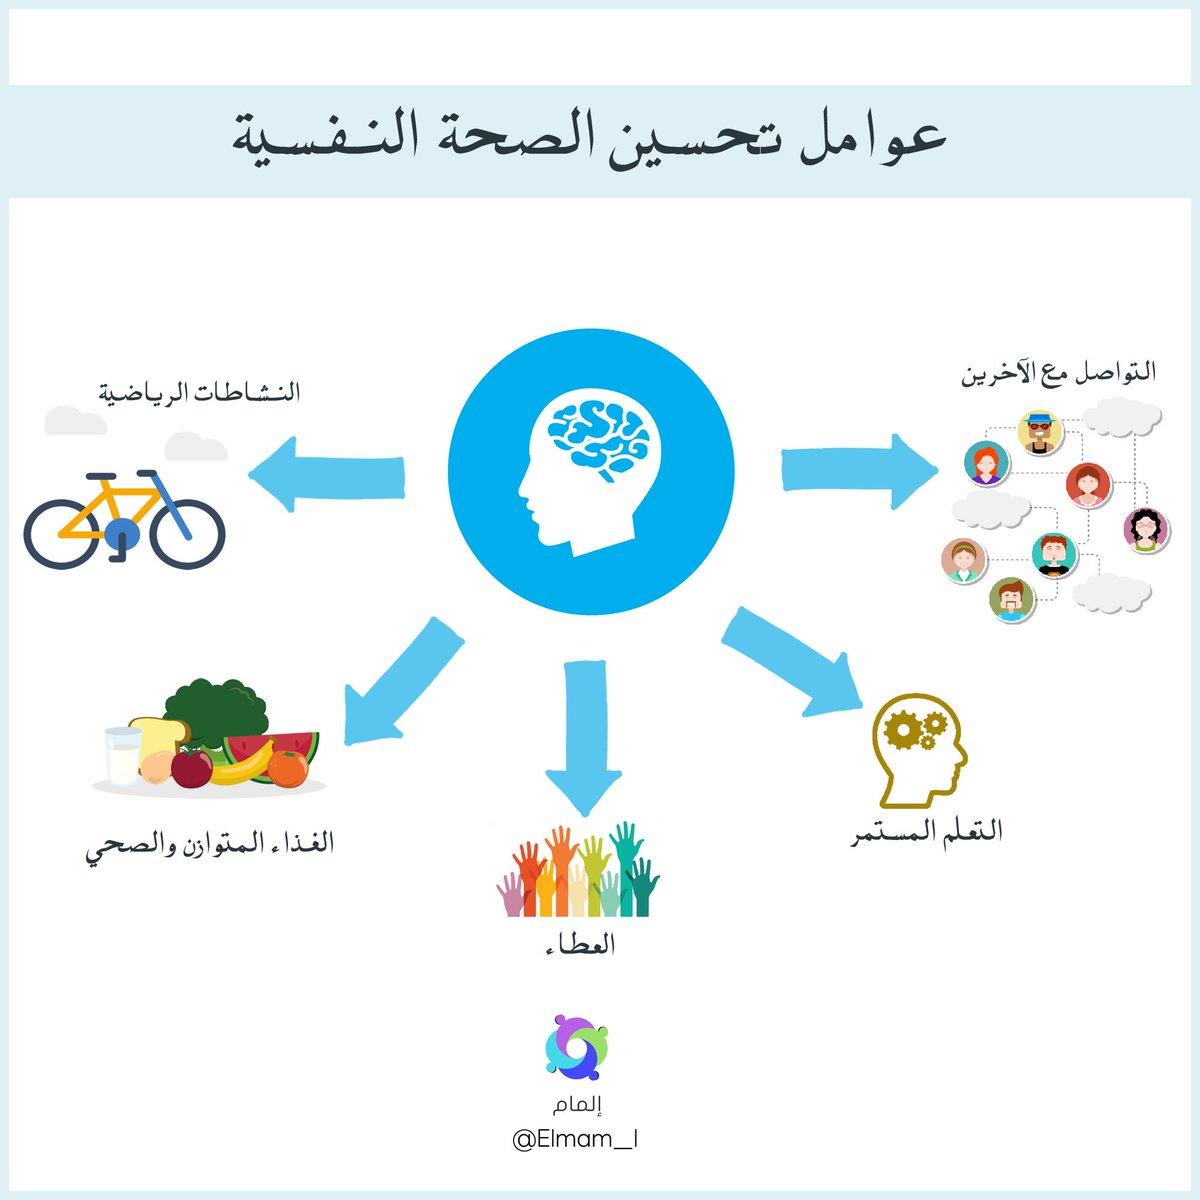 مبادرة إلمام Sur Twitter عوامل تحسين الصحة النفسية